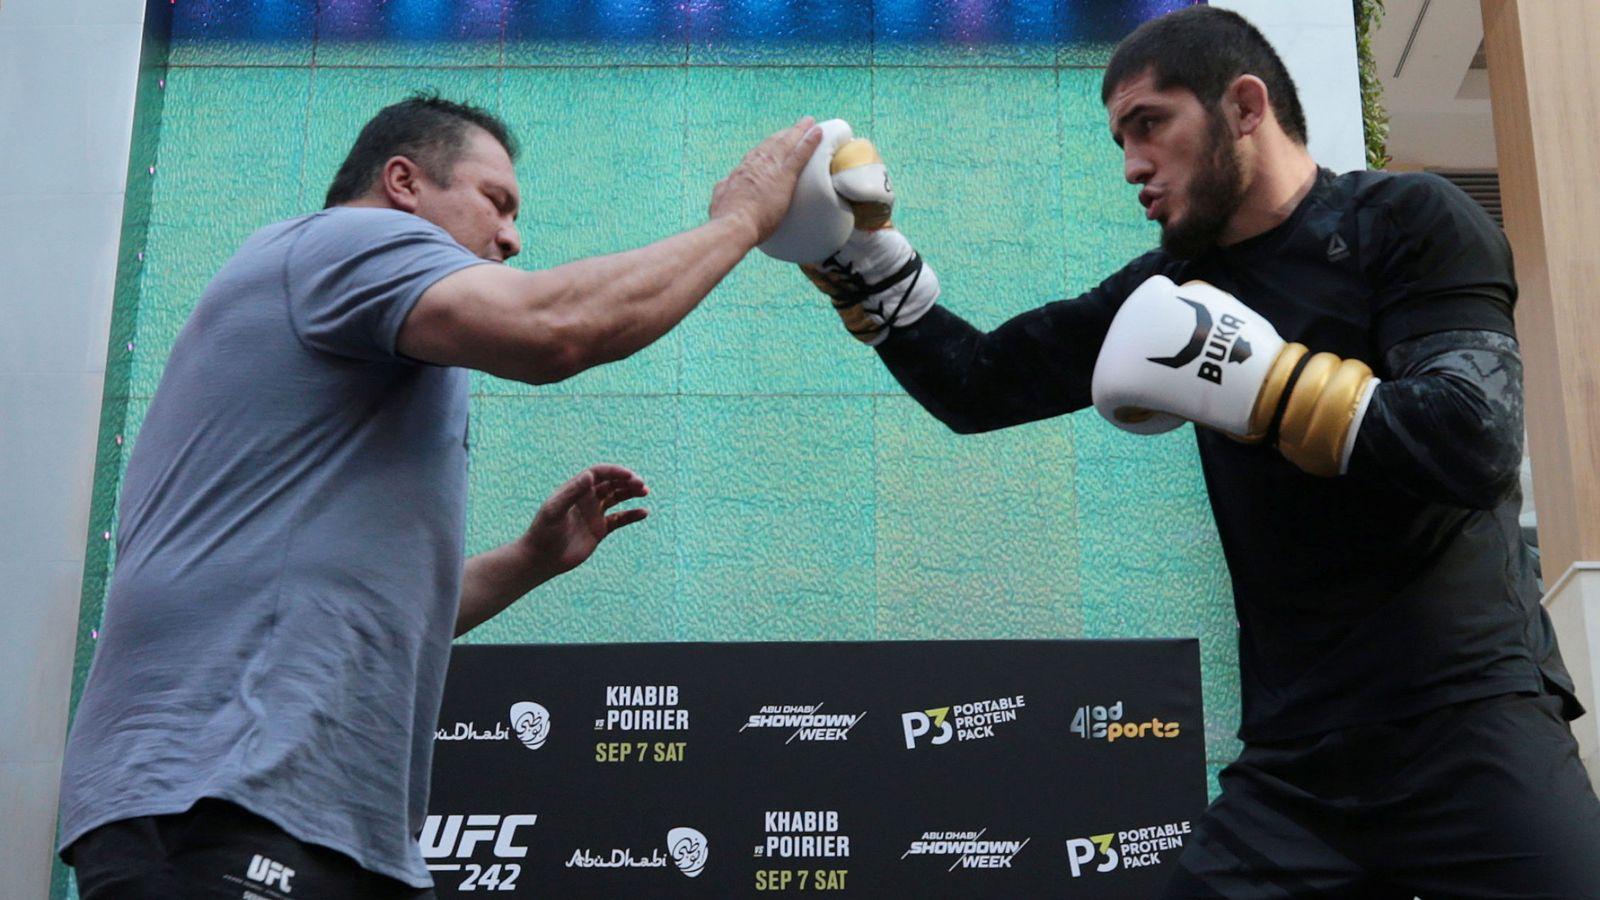 Foto: Khabib Nurmagomedov entrenándose para la pelea con Dustin Poirier (REUTERS/Christopher Pike)